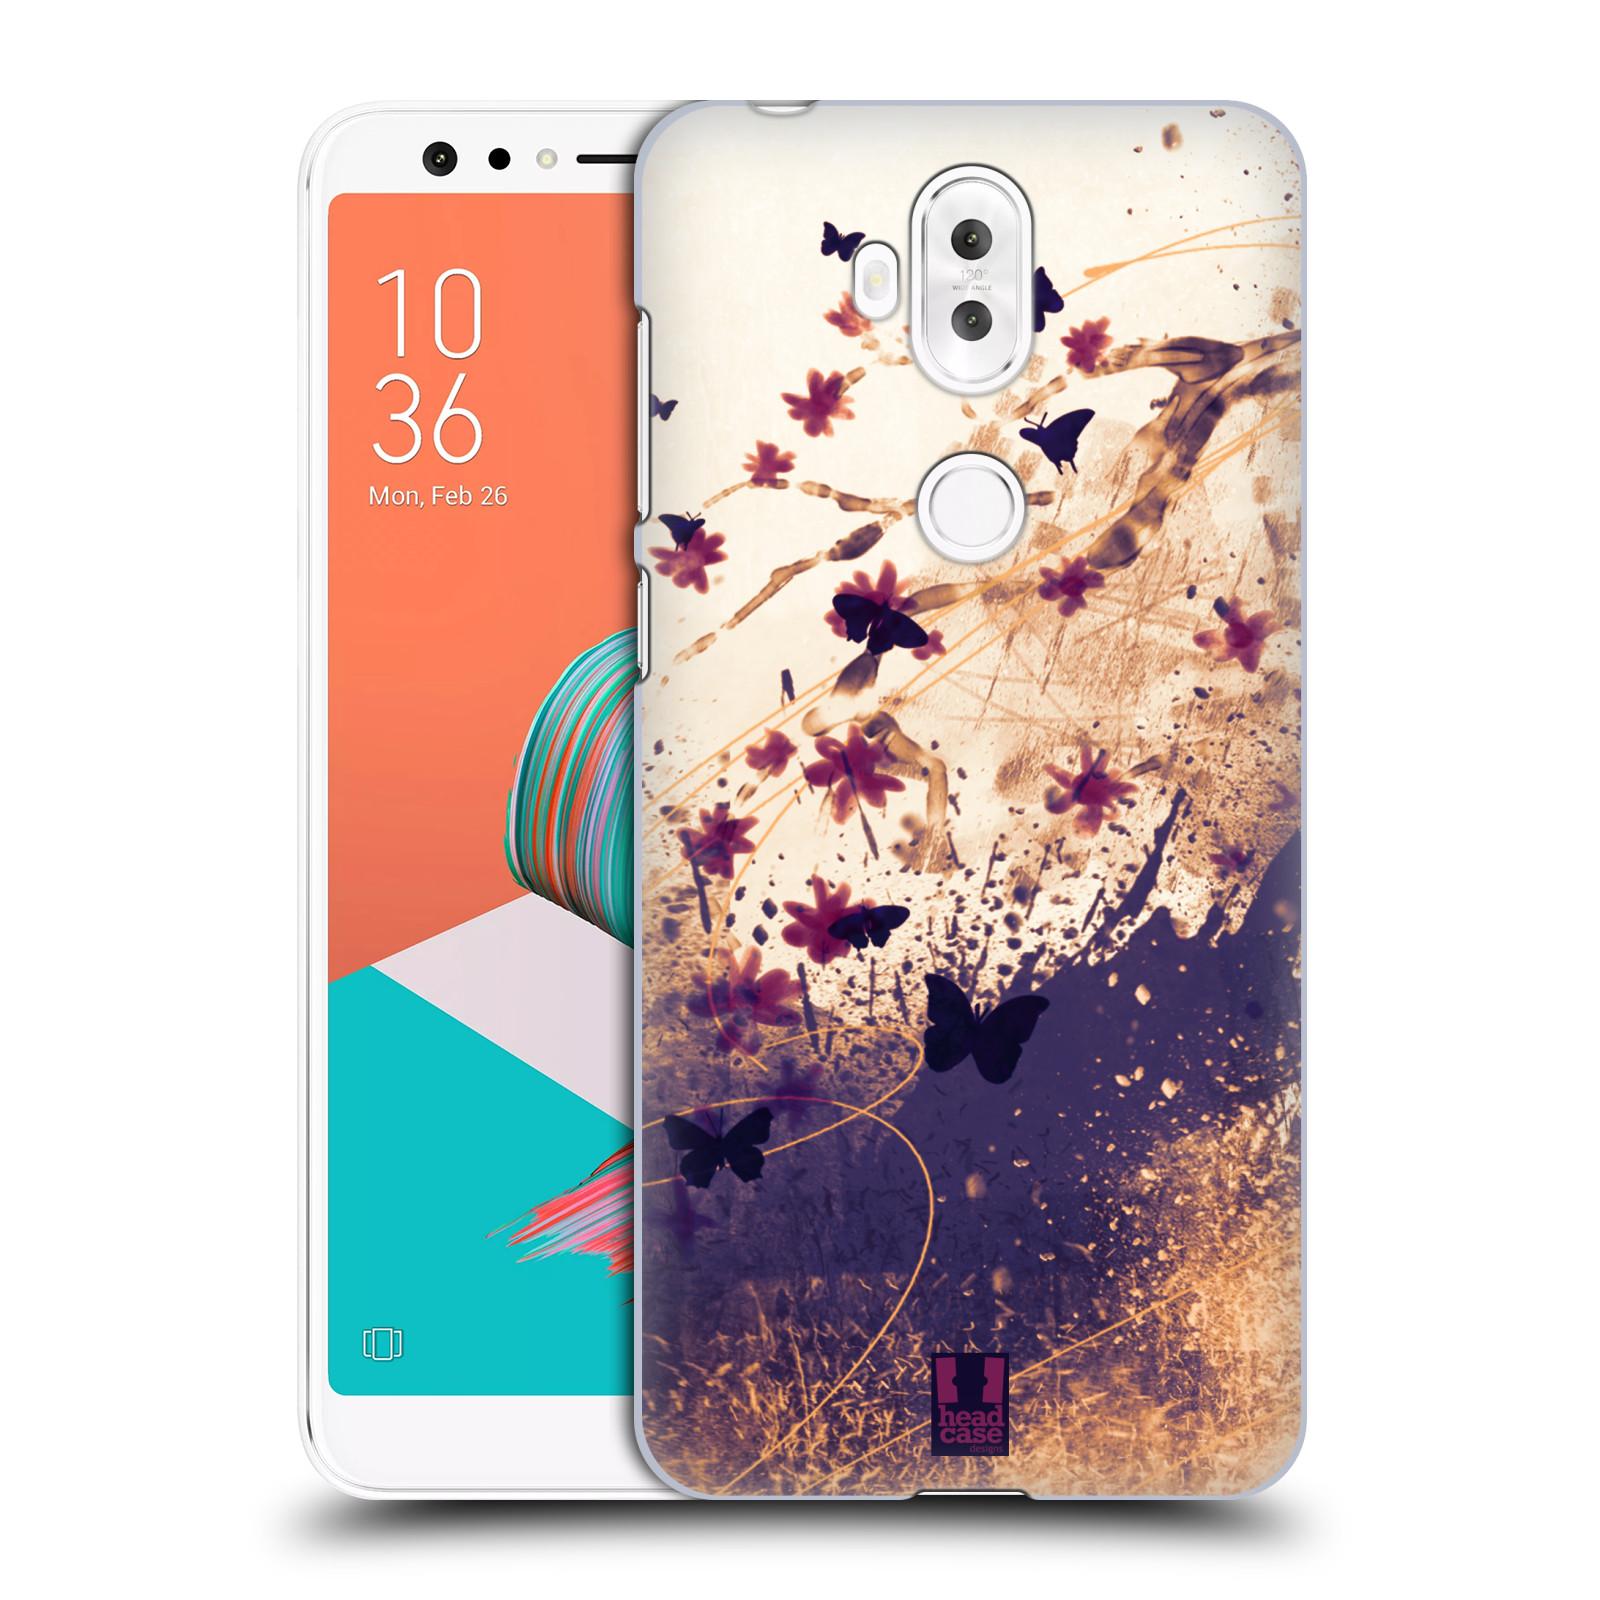 Plastové pouzdro na mobil Asus ZenFone 5 Lite ZC600KL - Head Case - MOTÝLCI (Plastový kryt či obal na mobilní telefon Asus ZenFone 5 Lite (ZC600KL) s motivem MOTÝLCI)